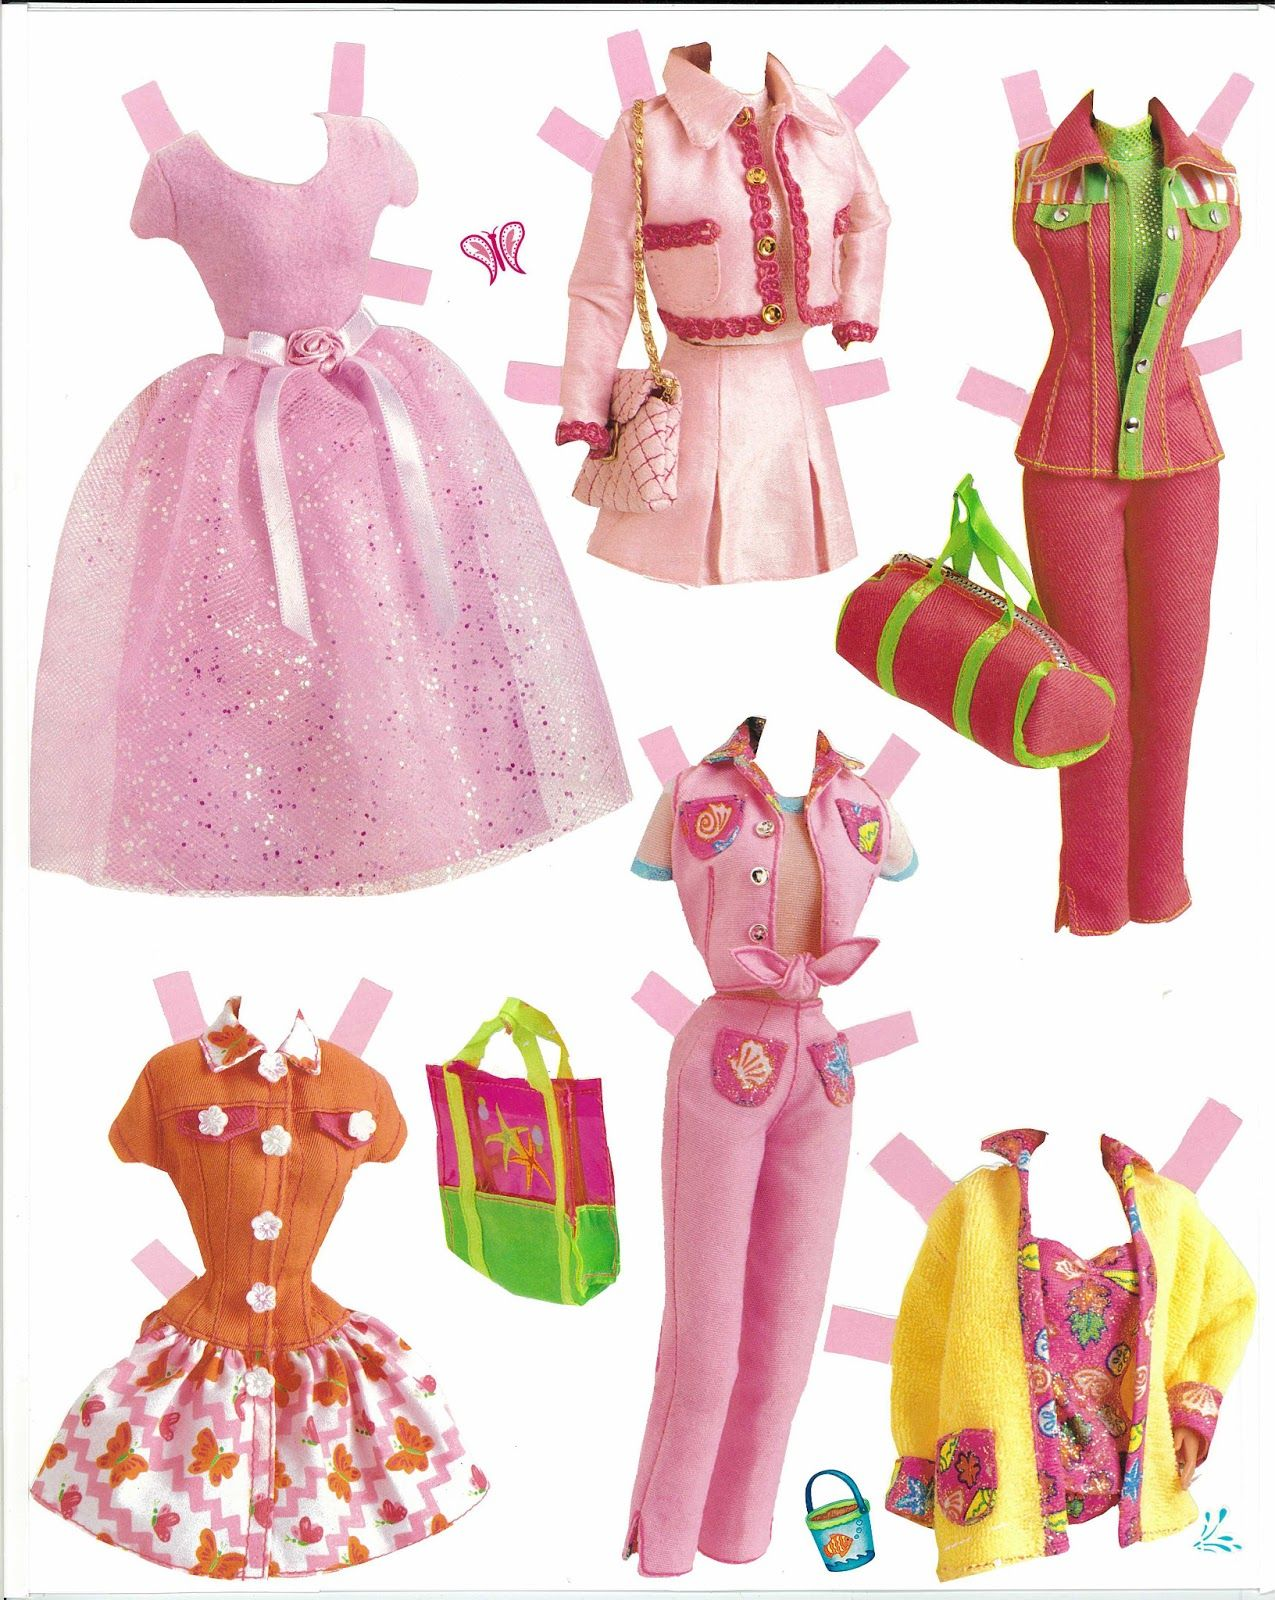 Bonecas De Papel Barbie Com Roupas Para Imprimir Brinquedos De Papel Bonecas De Papel Vintage Roupas Para Bonecas Barbie Roupas De Boneca De Papel